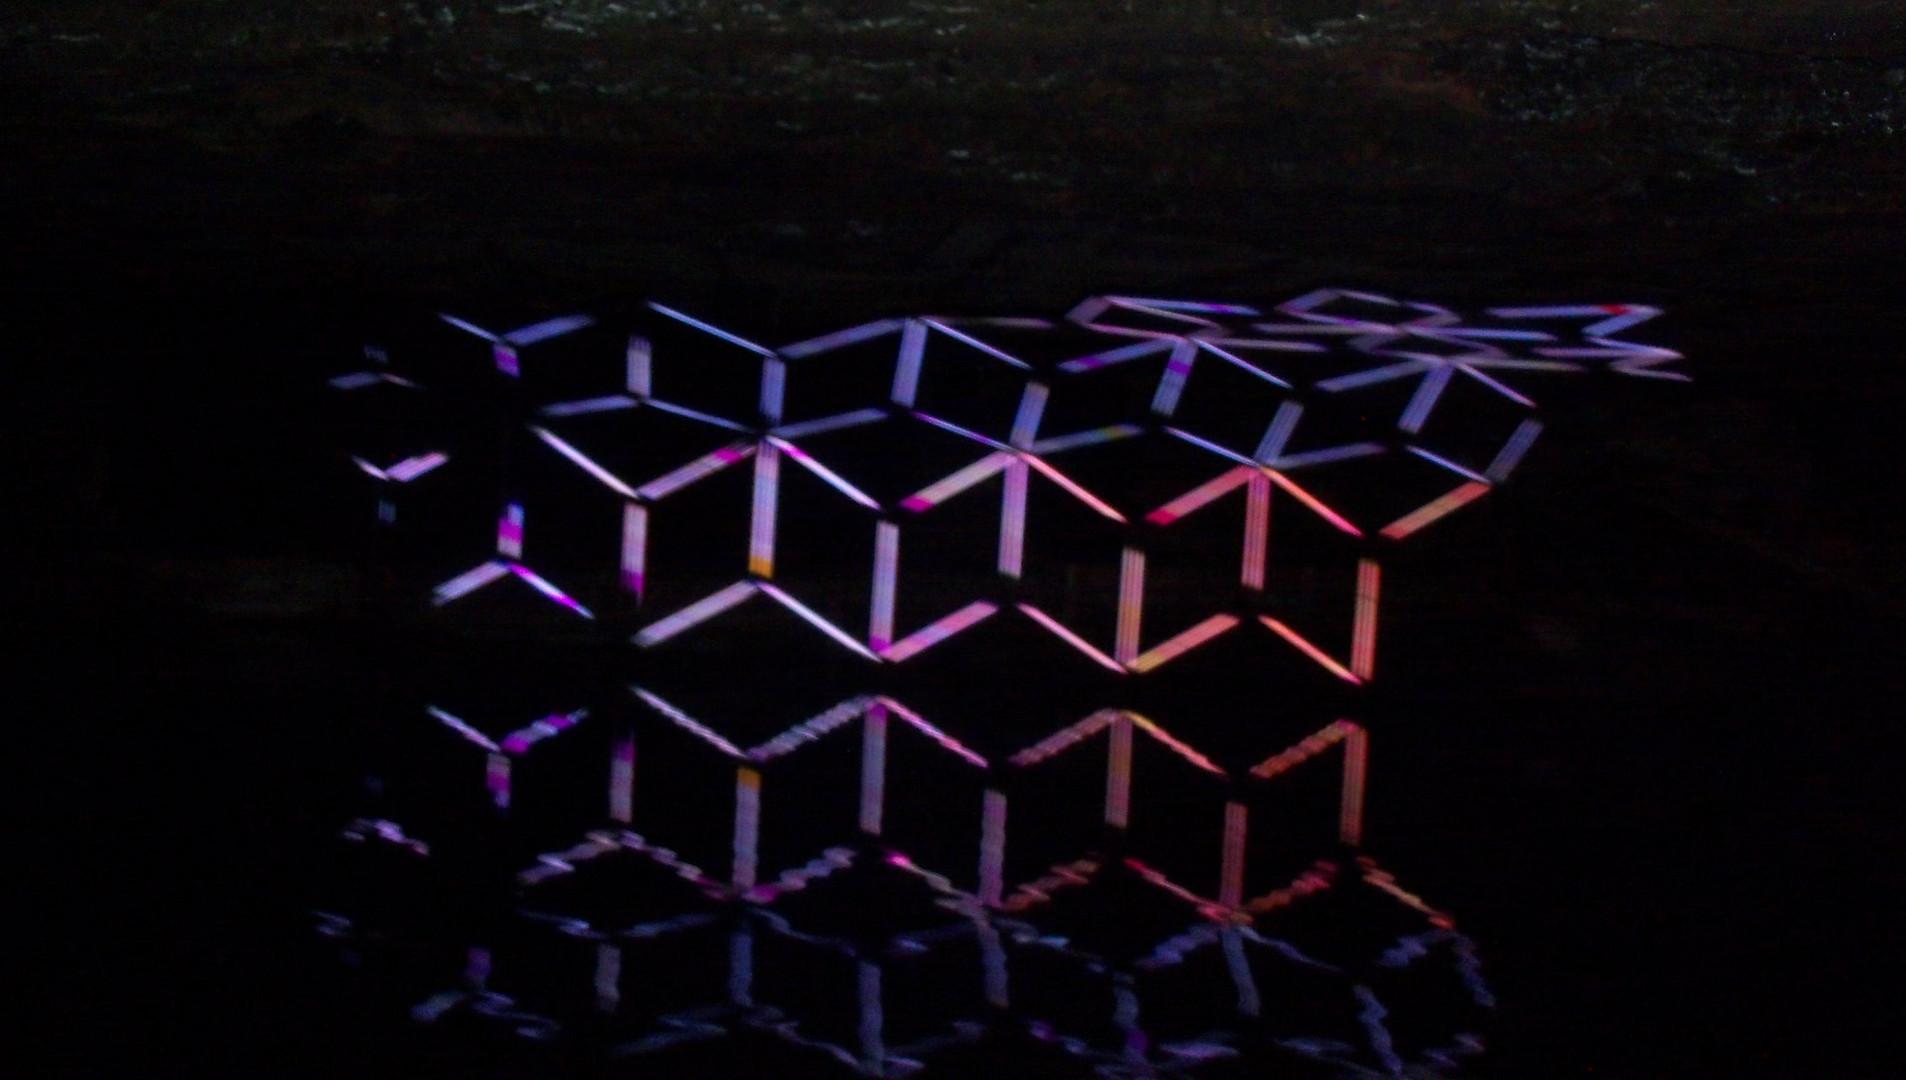 Lichterspiel im Salzbauwerk Berchtesgarden